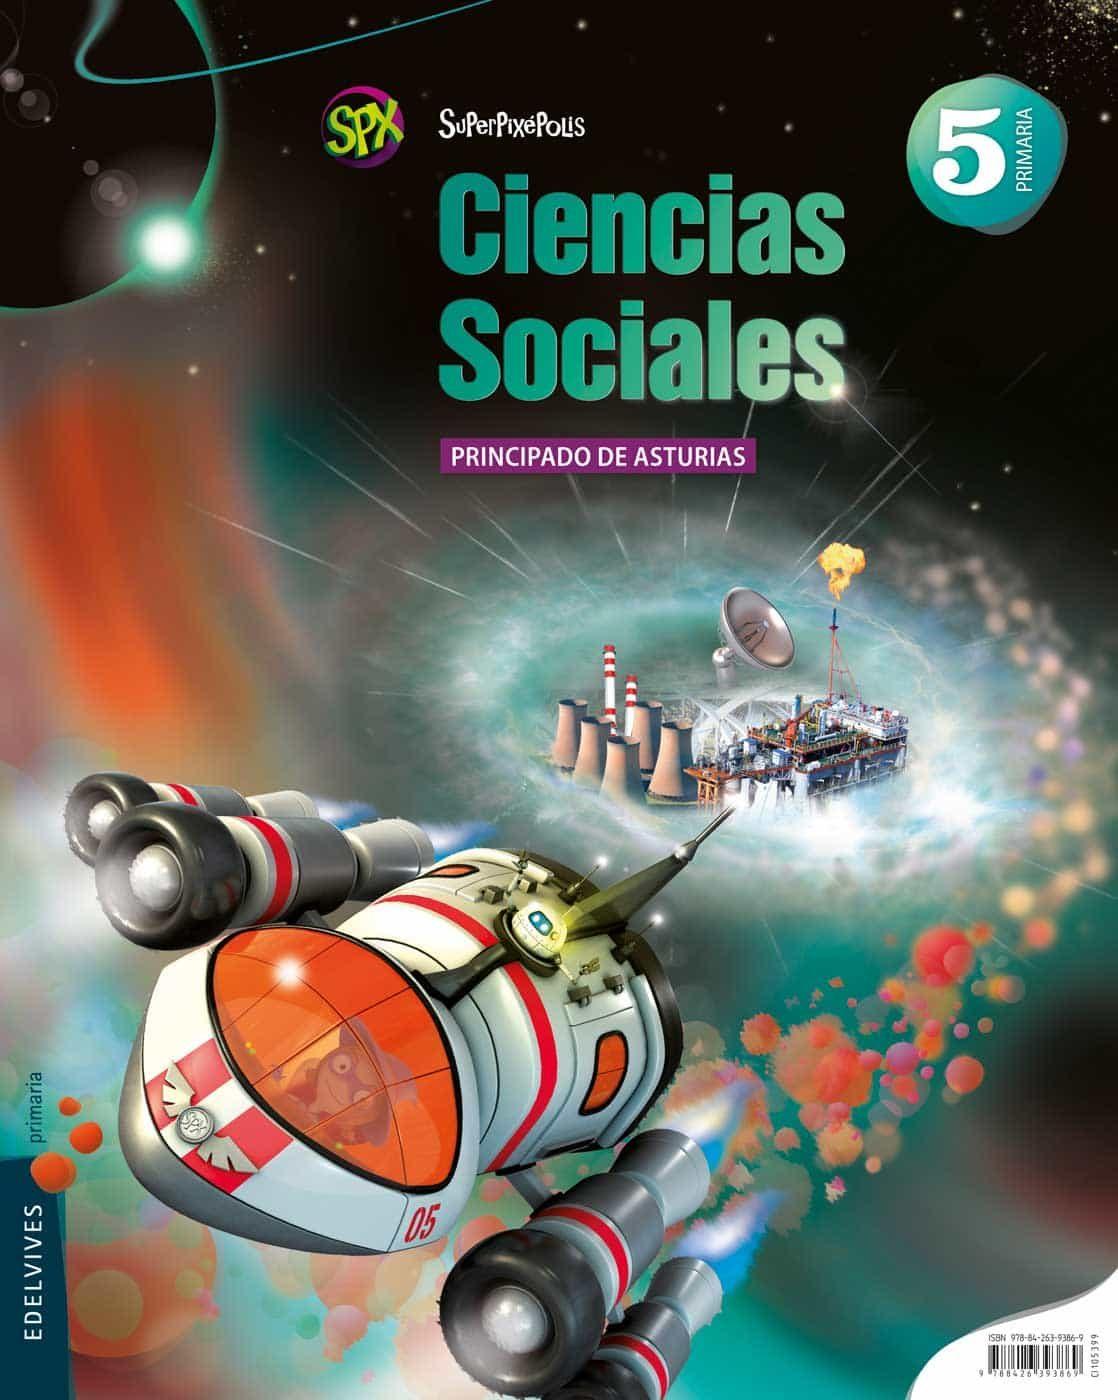 Ciencias Sociales 5º Primaria Proyecto Superpixépolis Asturias por Vv.aa.